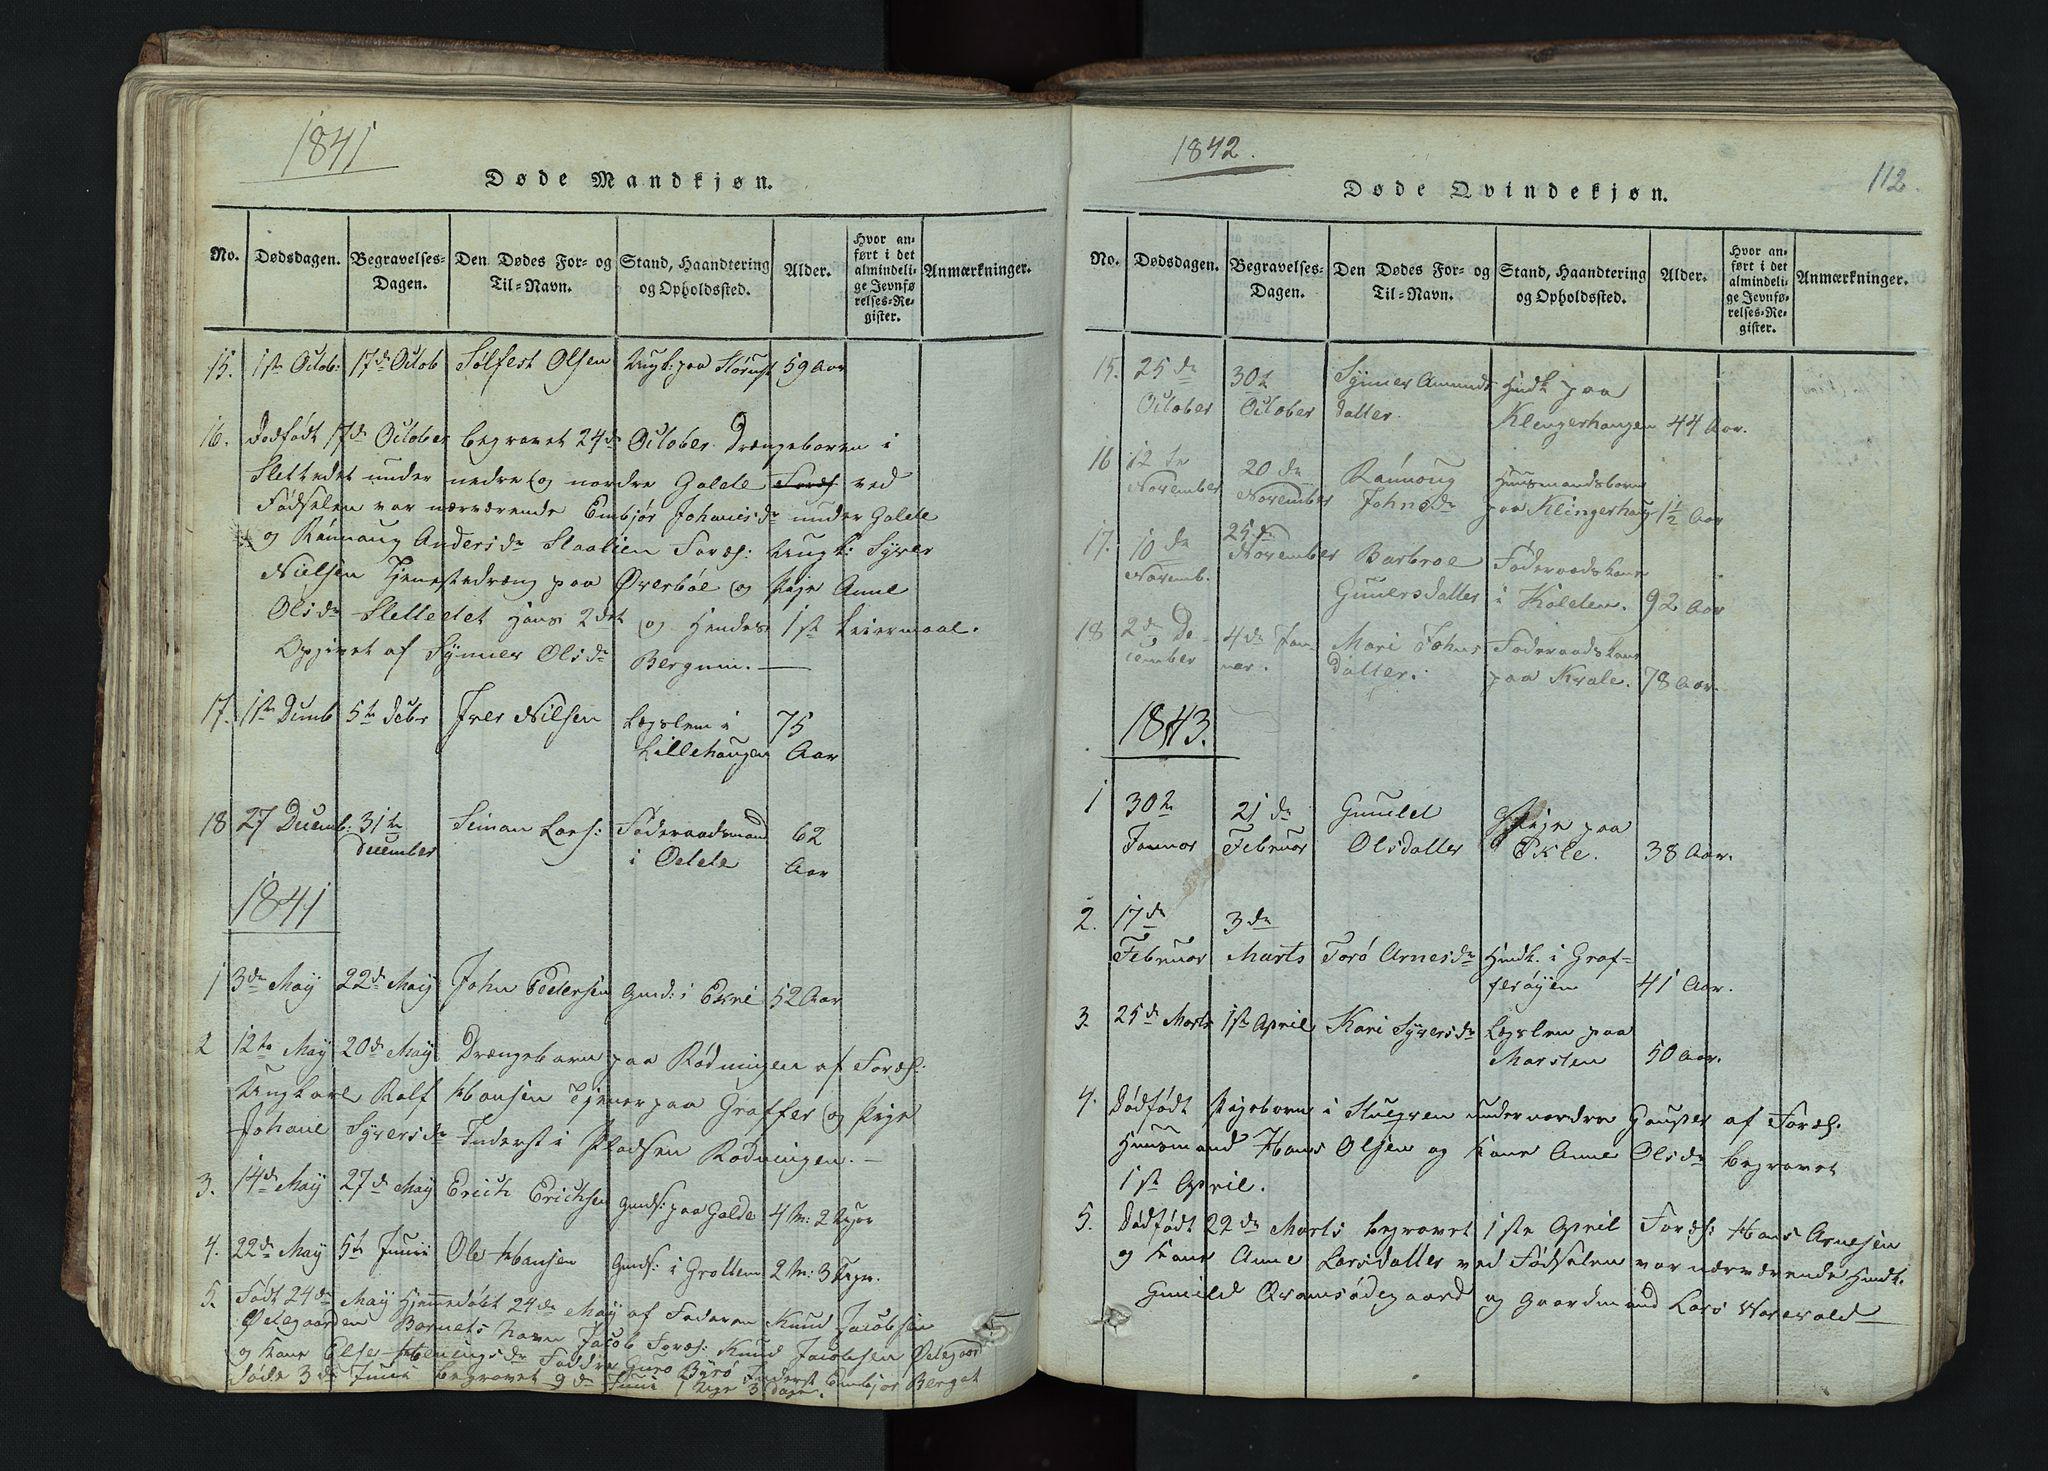 SAH, Lom prestekontor, L/L0002: Klokkerbok nr. 2, 1815-1844, s. 112